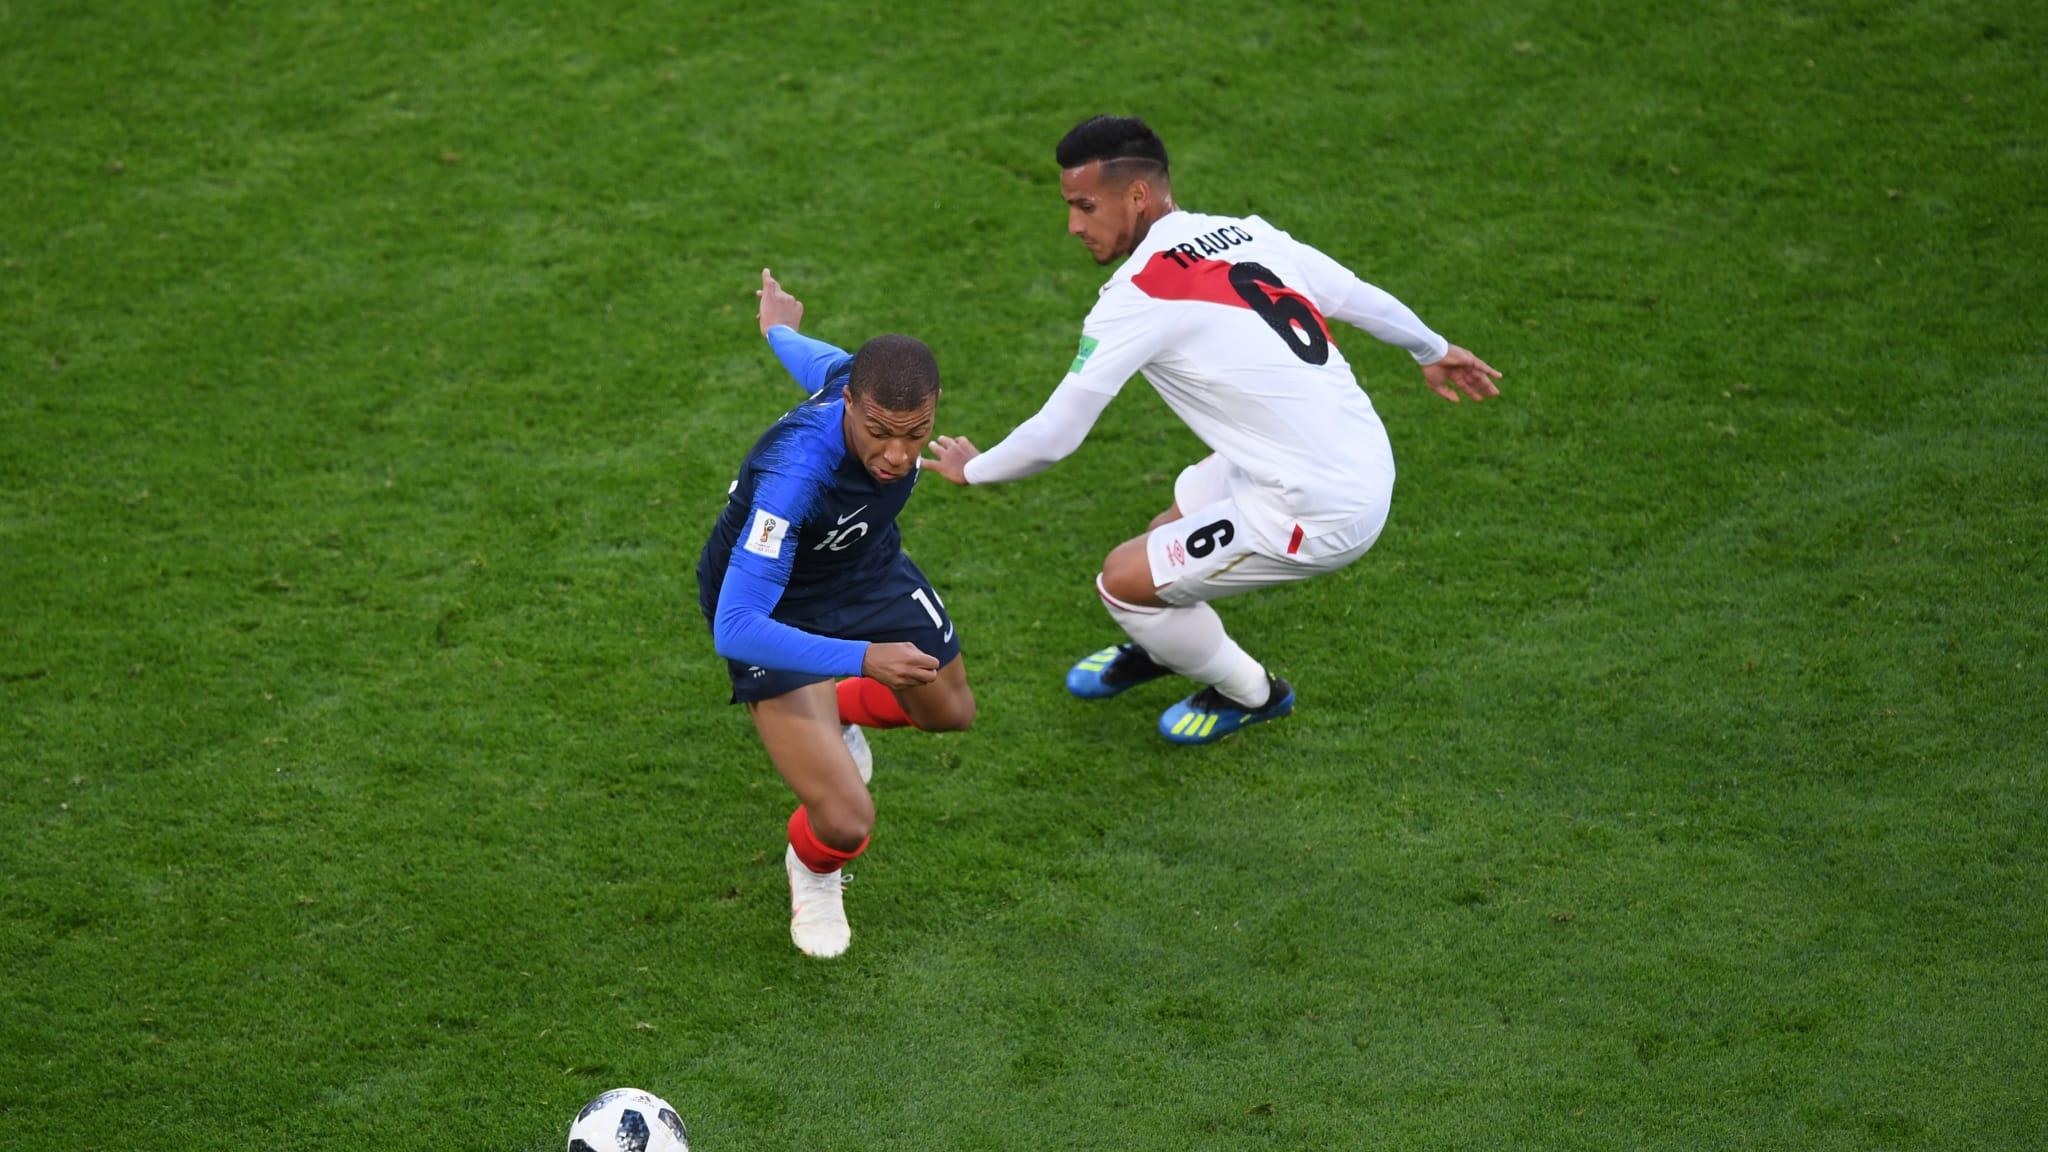 BEREBUT BOLA. Kylian Mbappe (Prancis) berebut bola dengan Miguel Trauco (Peru) di pertandingan Grup C yang akhirnya dimenangkan Prancis. Foto dari FIFA.com